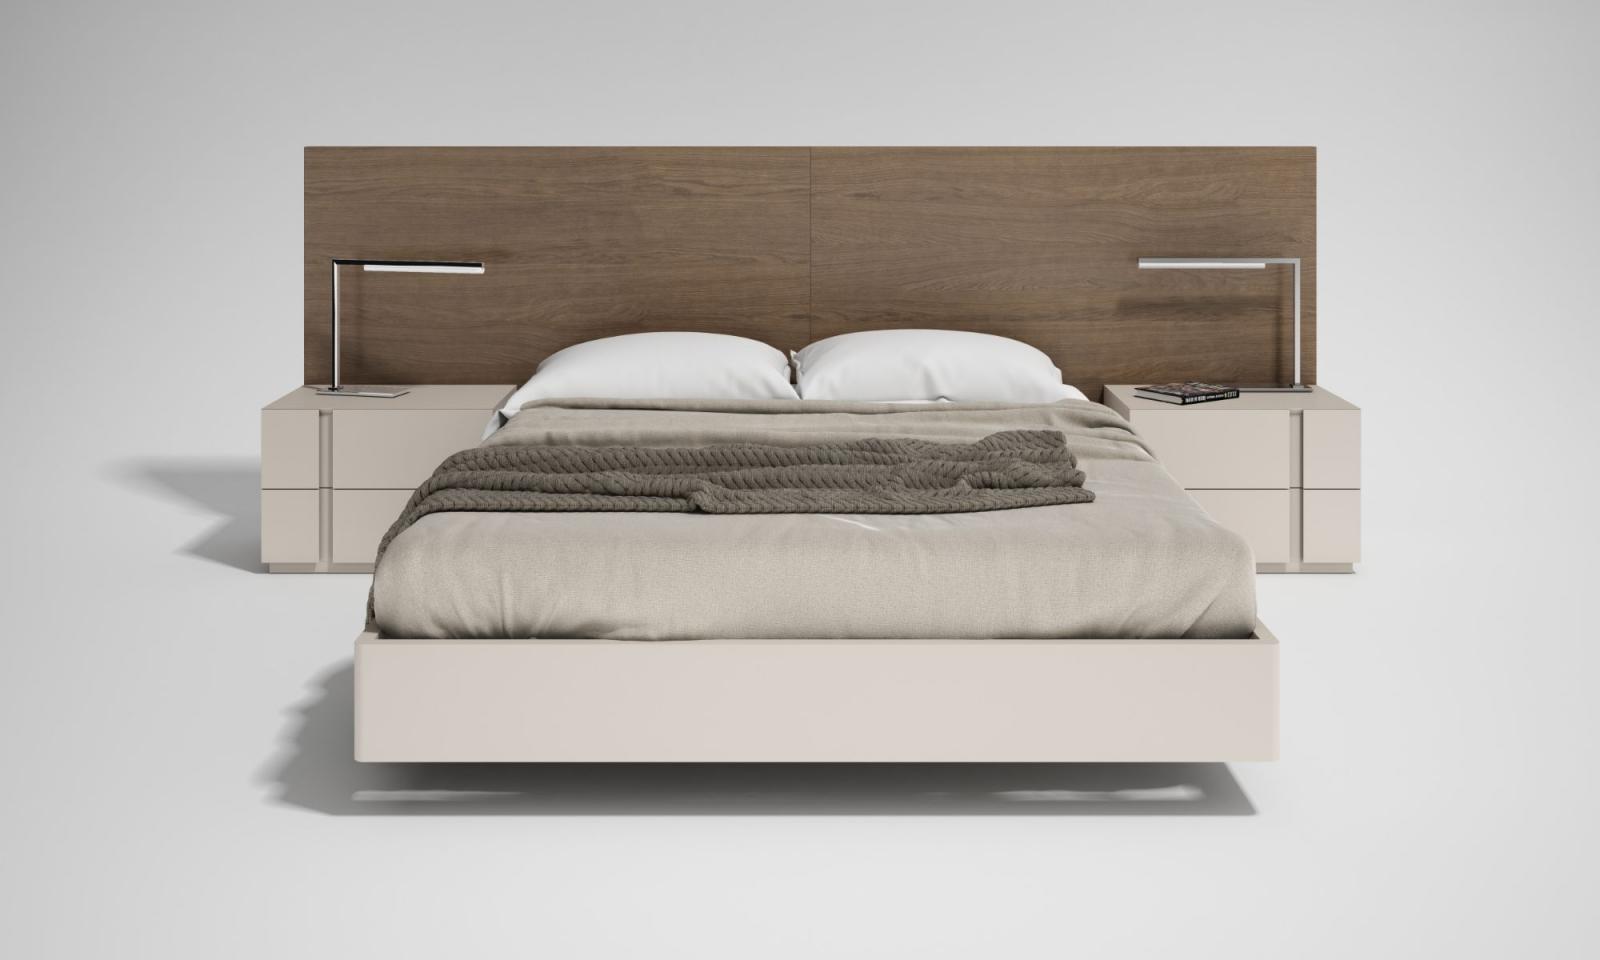 Conjunto de Dormitorio LOFT-3 - Conjunto de Dormitorio LOFT-3